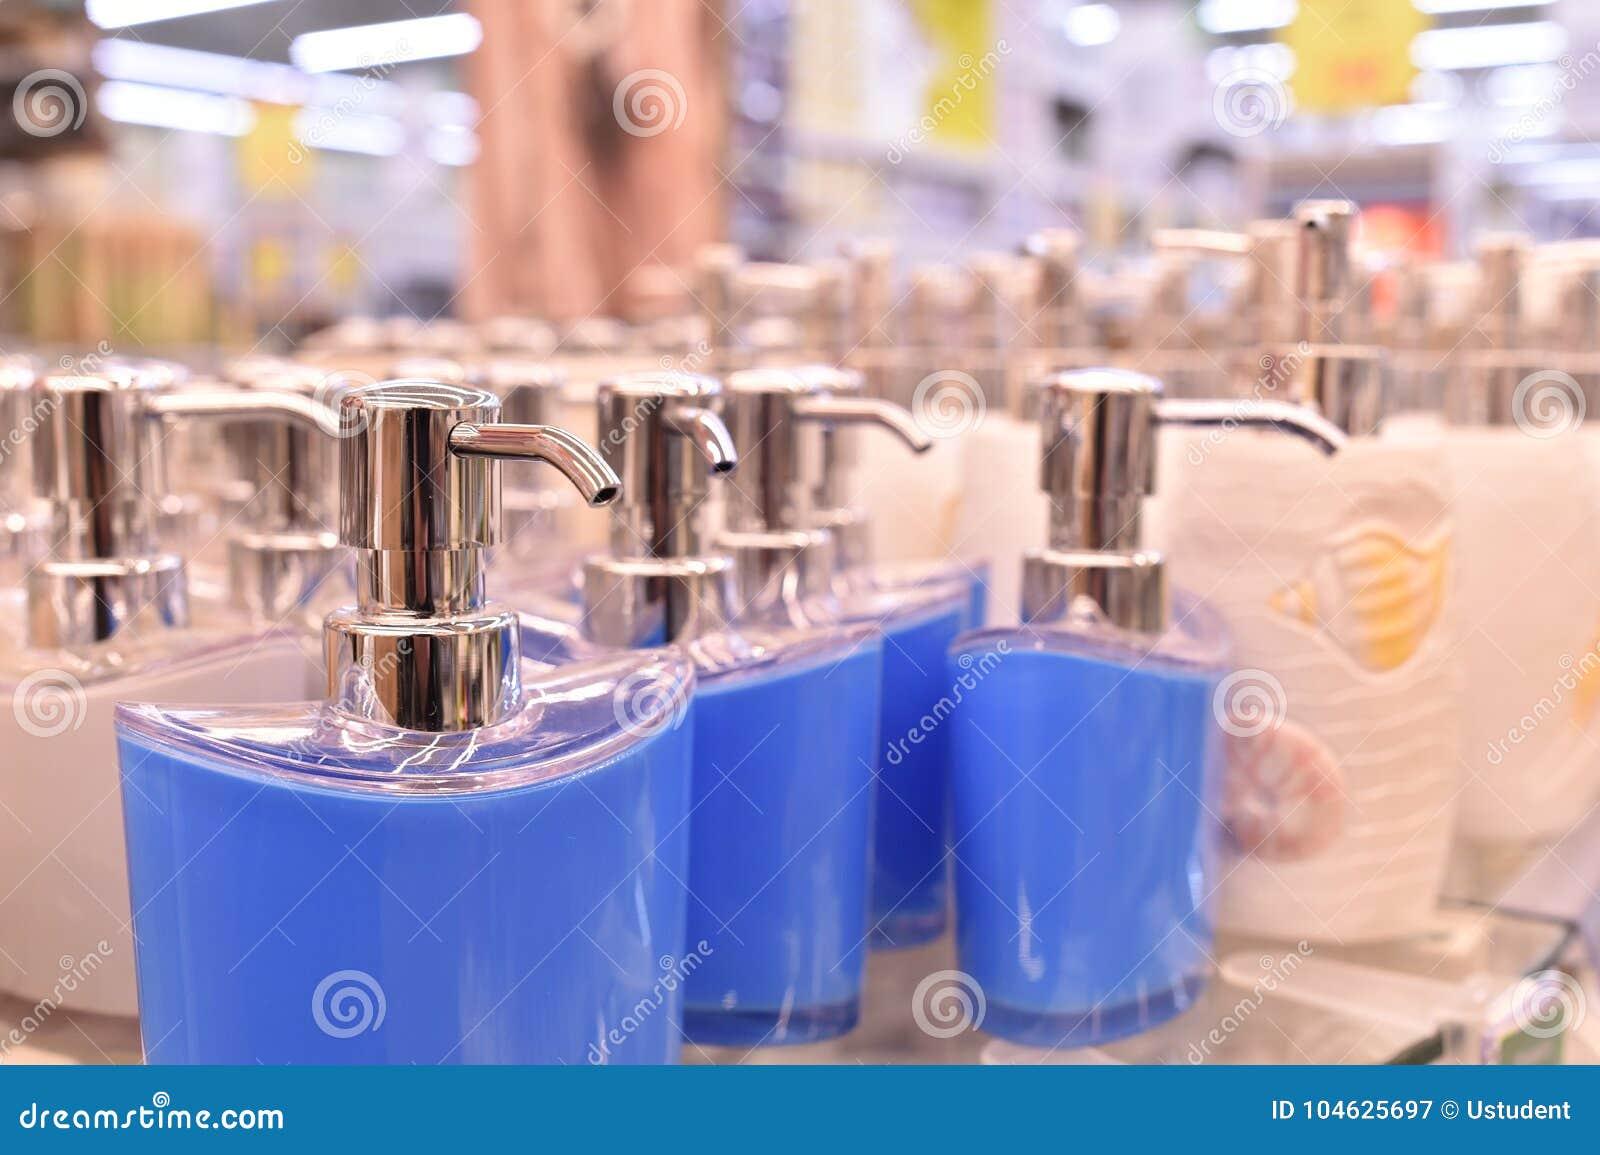 Download Wit Was CandleDispenser Porselein, Witte, Vloeibare Zeepautomaat Stock Afbeelding - Afbeelding bestaande uit rood, zilver: 104625697